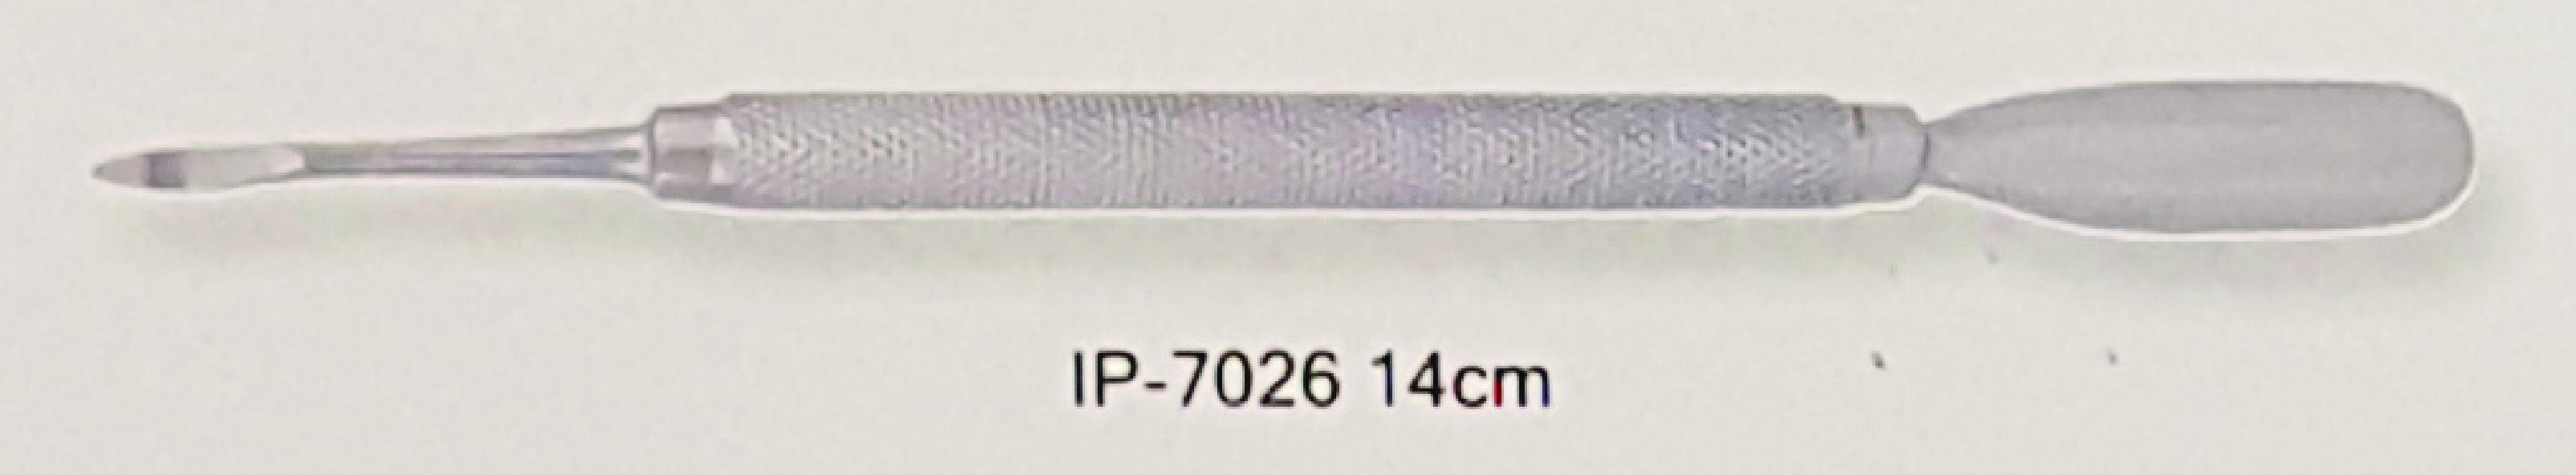 IP-7026 14cm